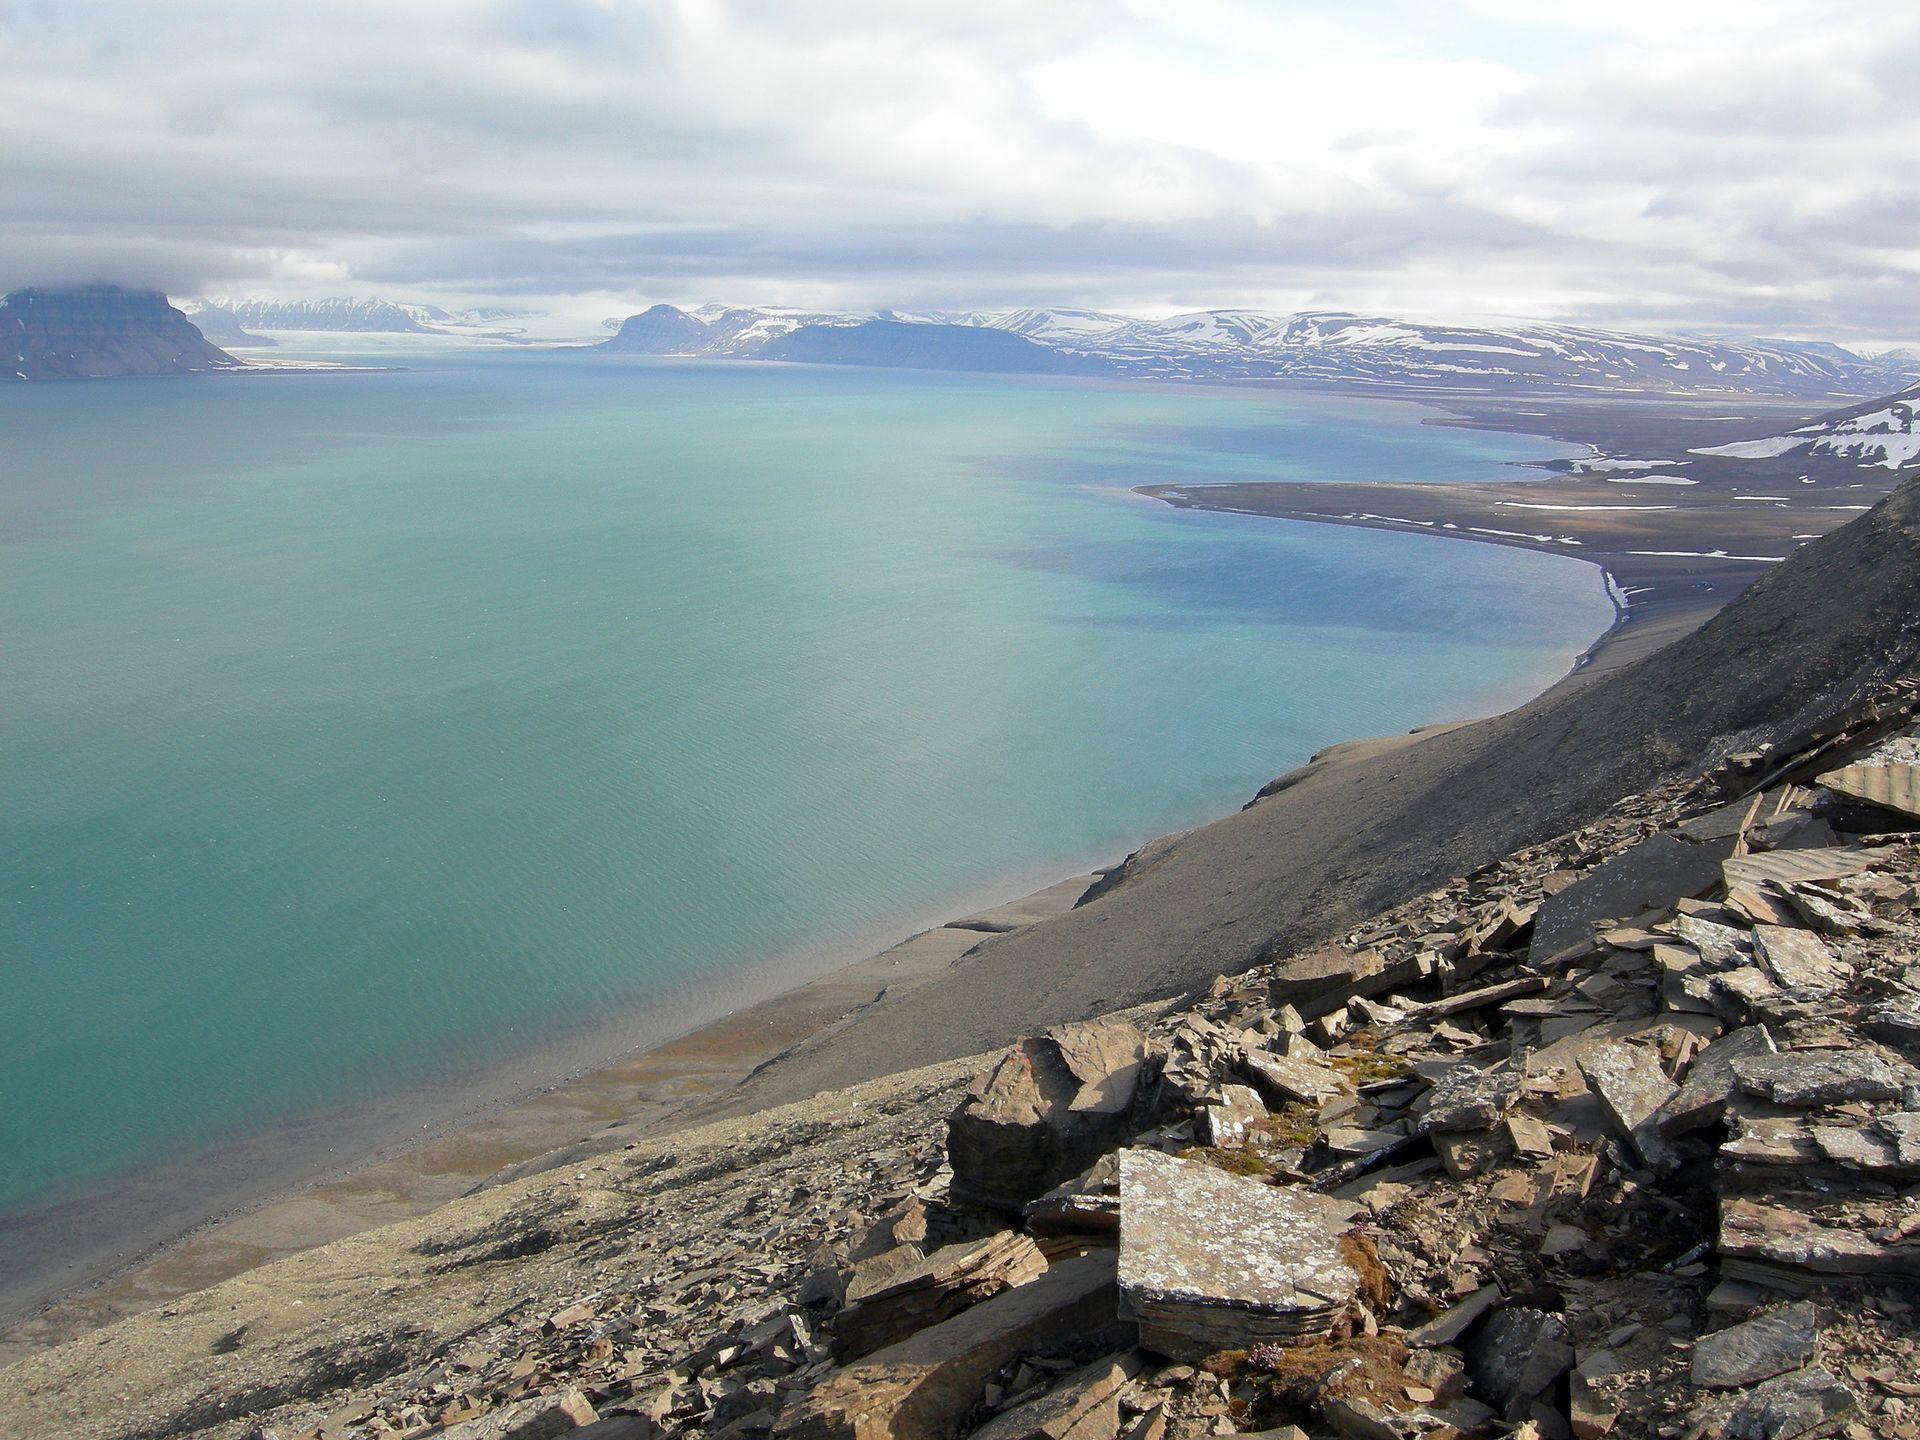 Pohled na Isfjorden, v jehož blízkosti byly objeveny první fosilní otisky stop dinosaurů z území Špicberků. K objevu došlo roku 1960 a od té doby podobných nálezů z této mrazivé oblasti významně přibylo. Kredit: Wilson44691; Wikipedia (volné dílo)